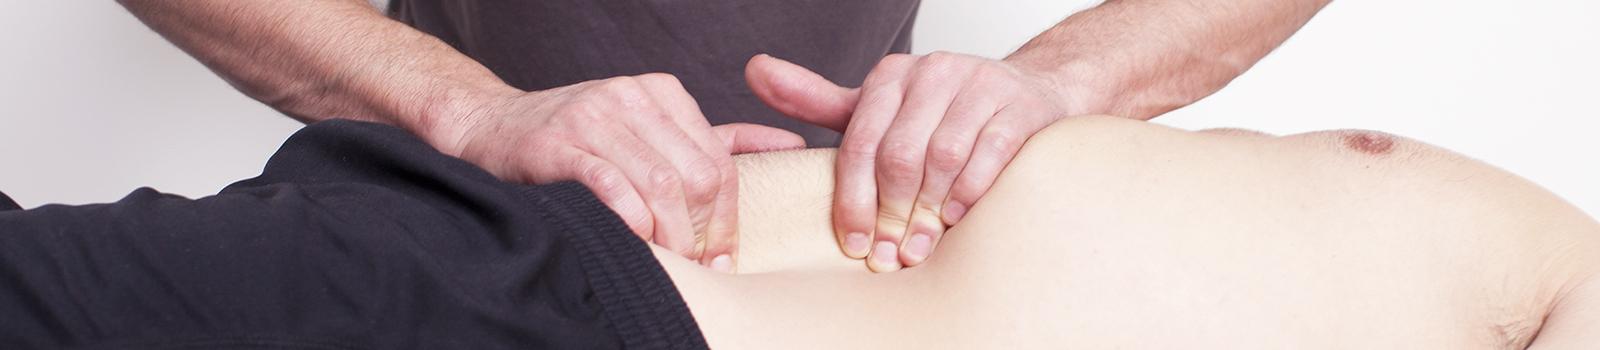 Tratamiento de diversos dolores musculoesqueléticos de origen esofagogástrico